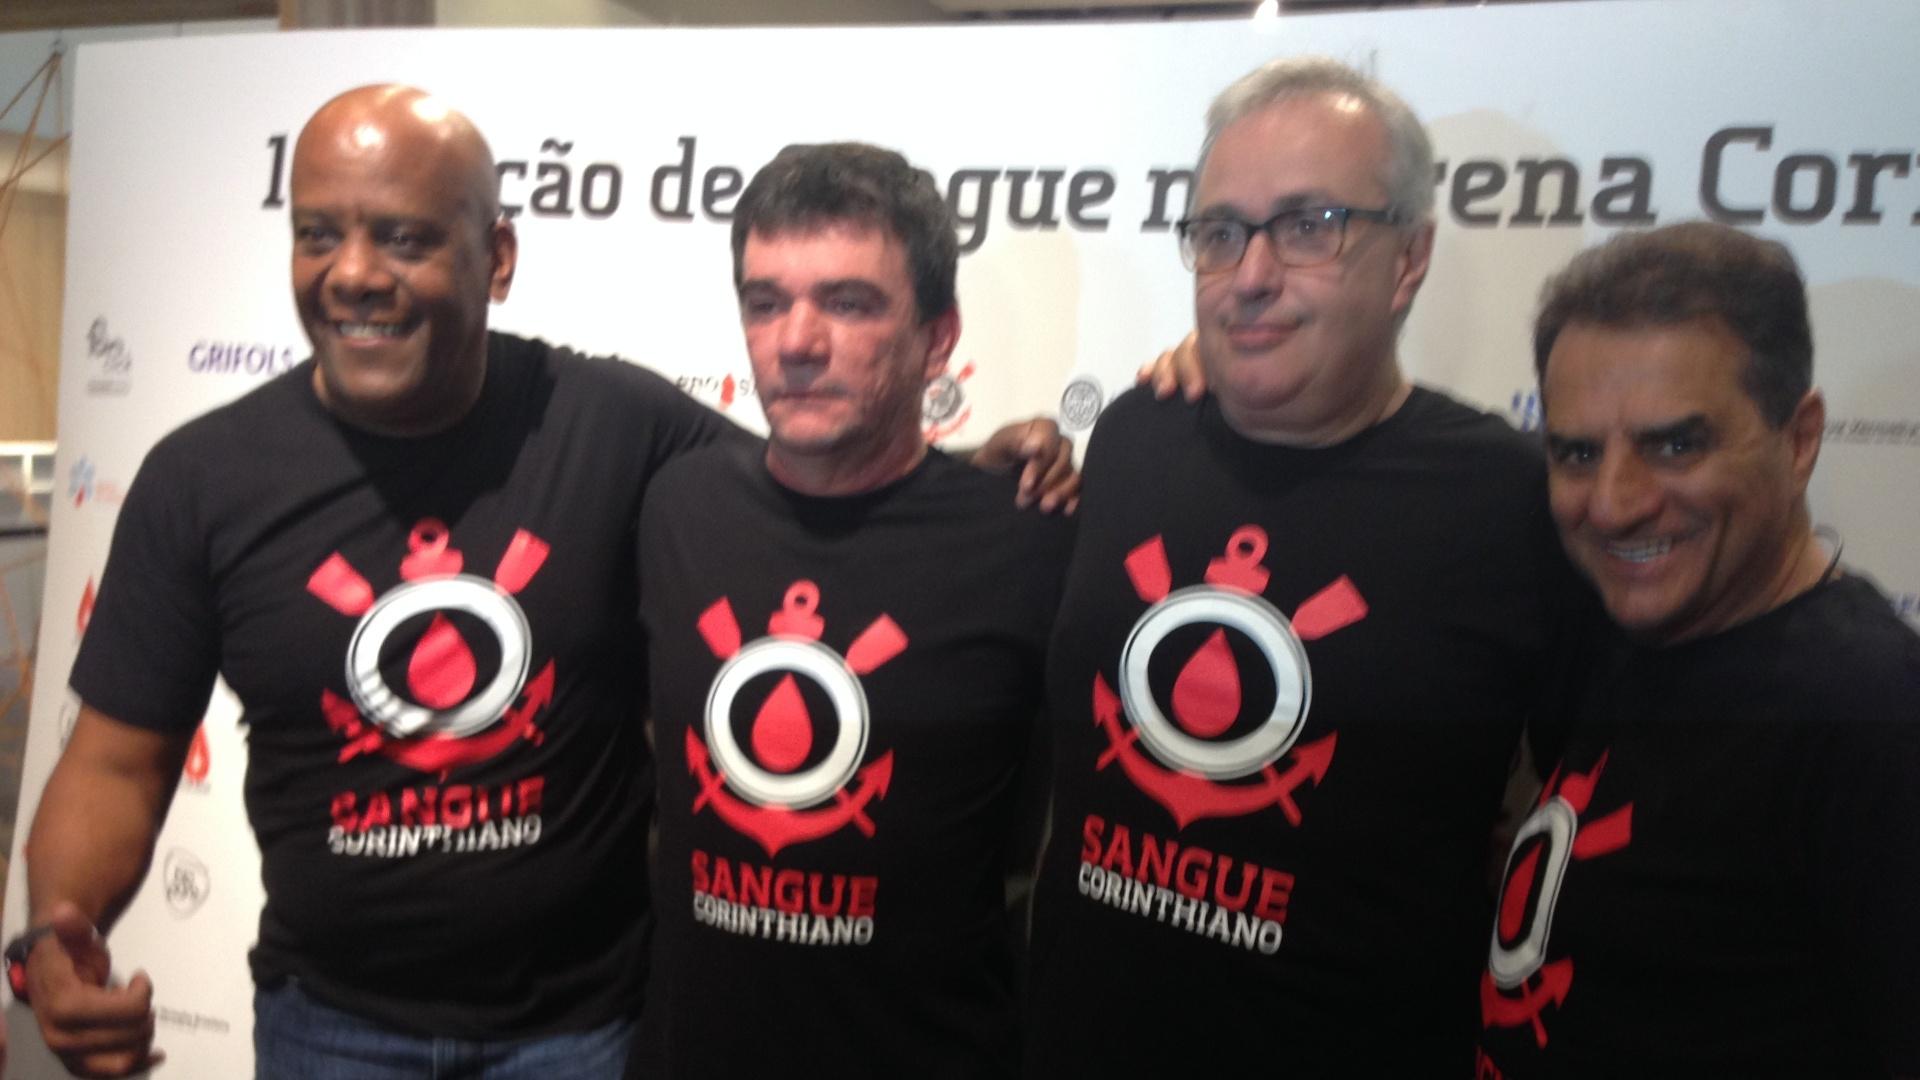 André Negão, Andrés Sanchez, Roberto de Andrade e Jorge Kalil posam durante evento Sangue Corintiano